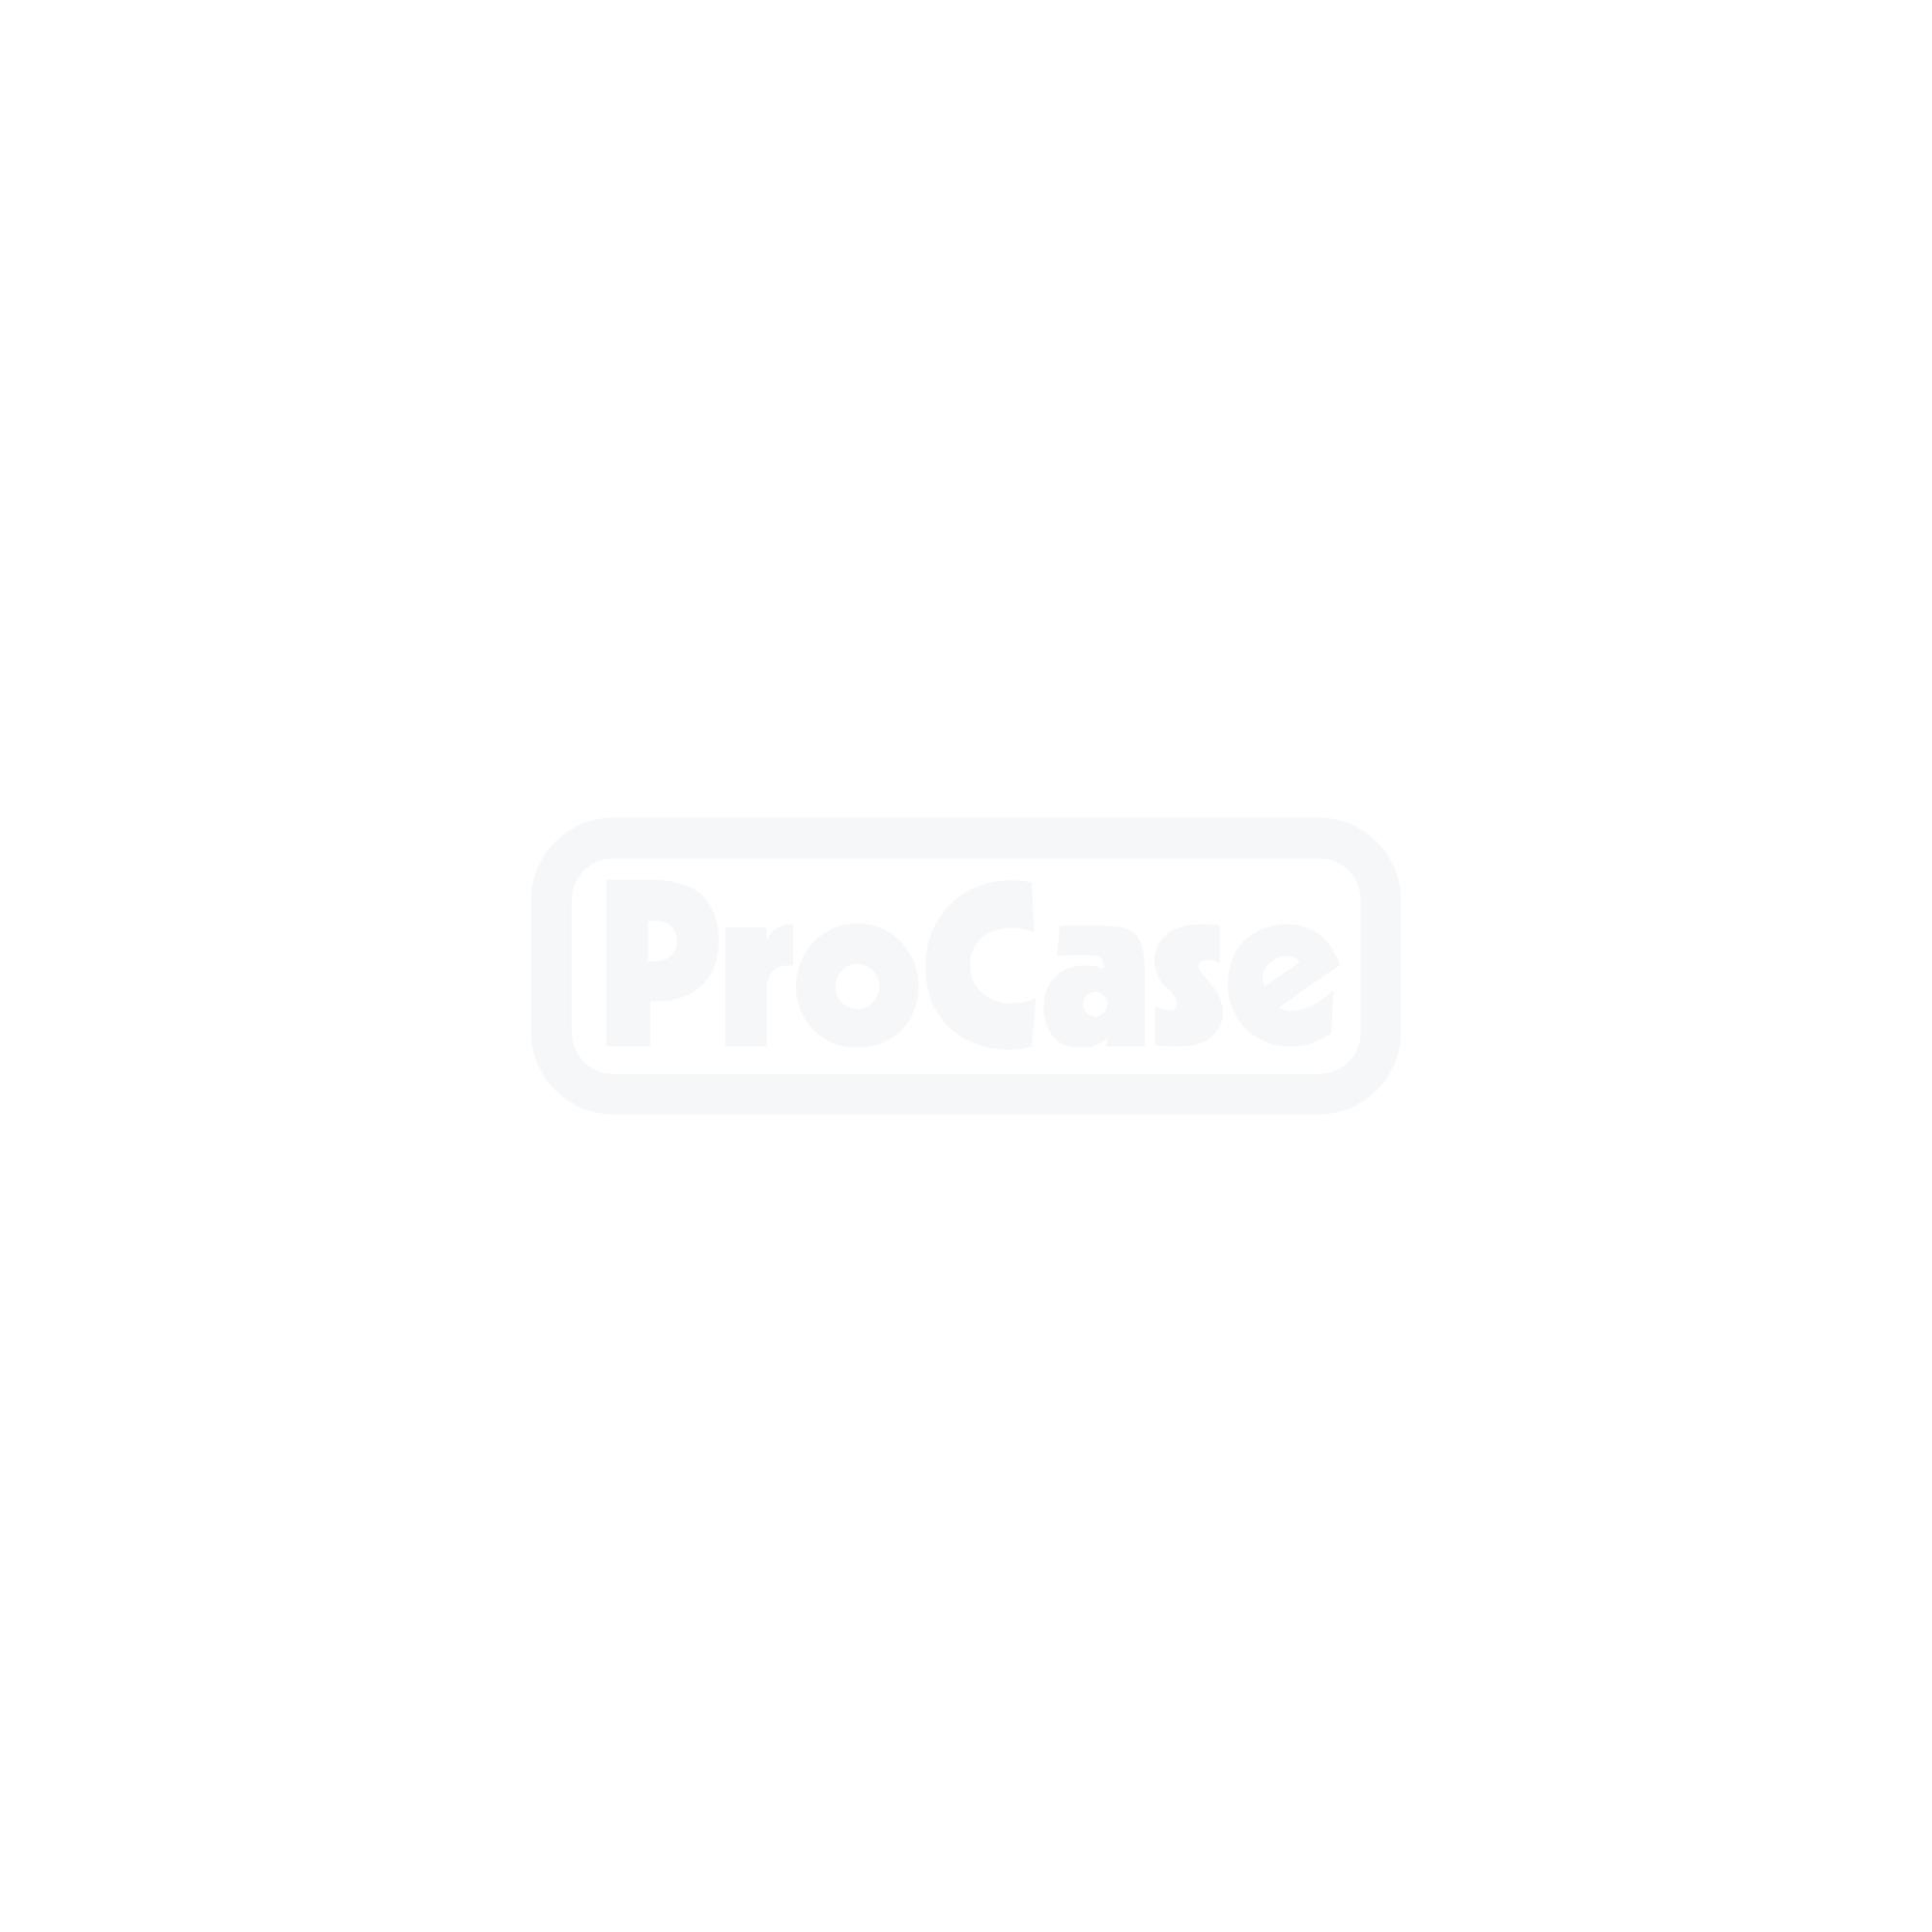 QSD Stack-Rack 8HE 600 tief 5